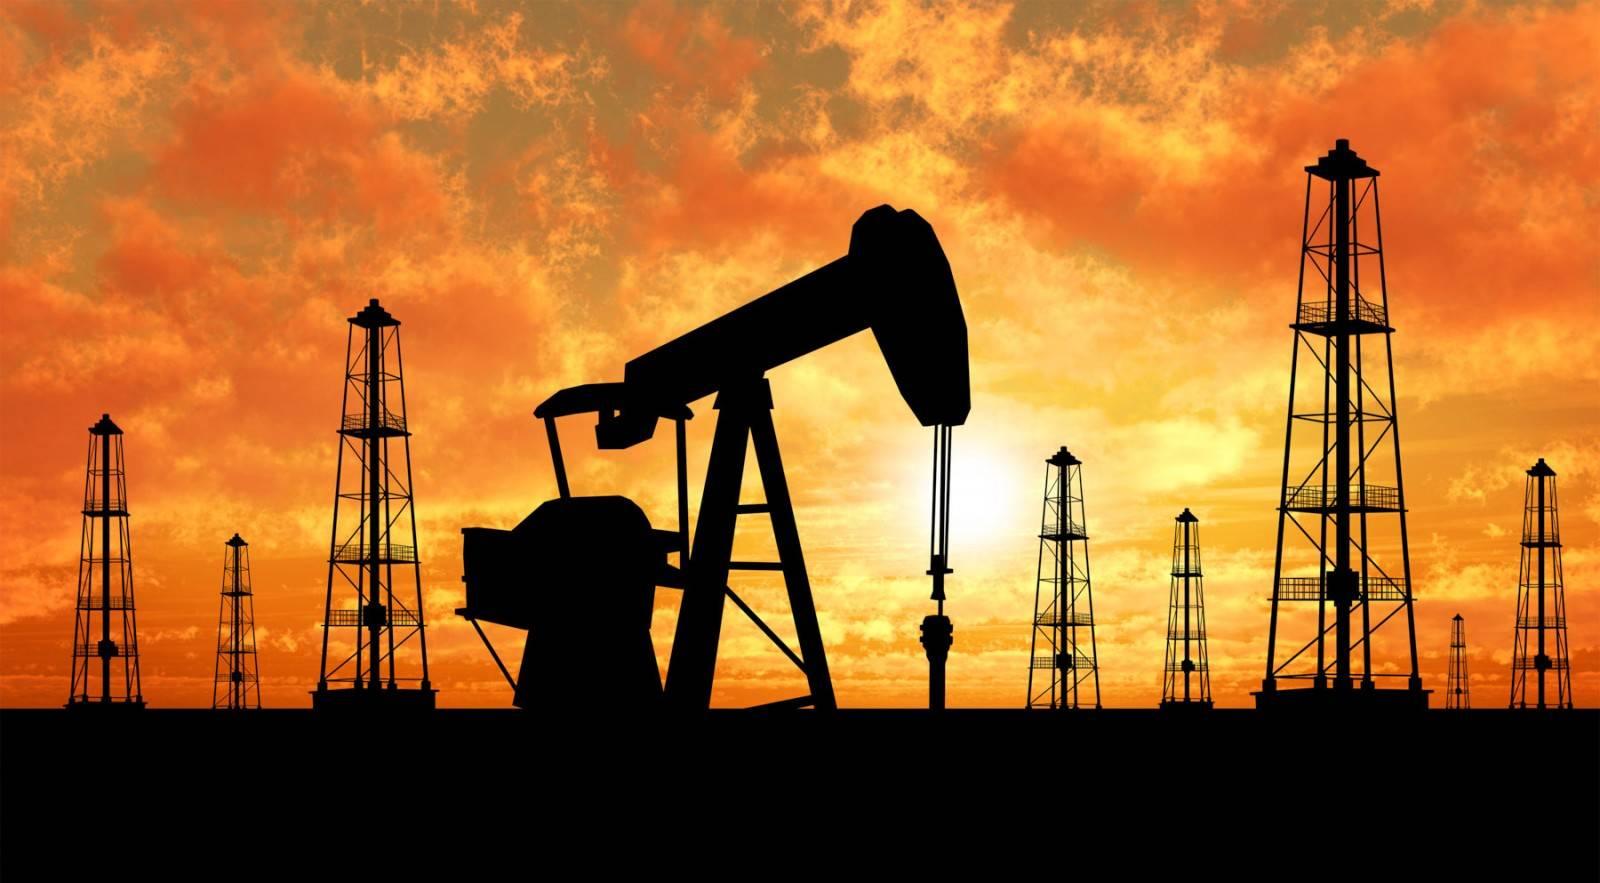 мировой экспорт, карта, цена на нефть